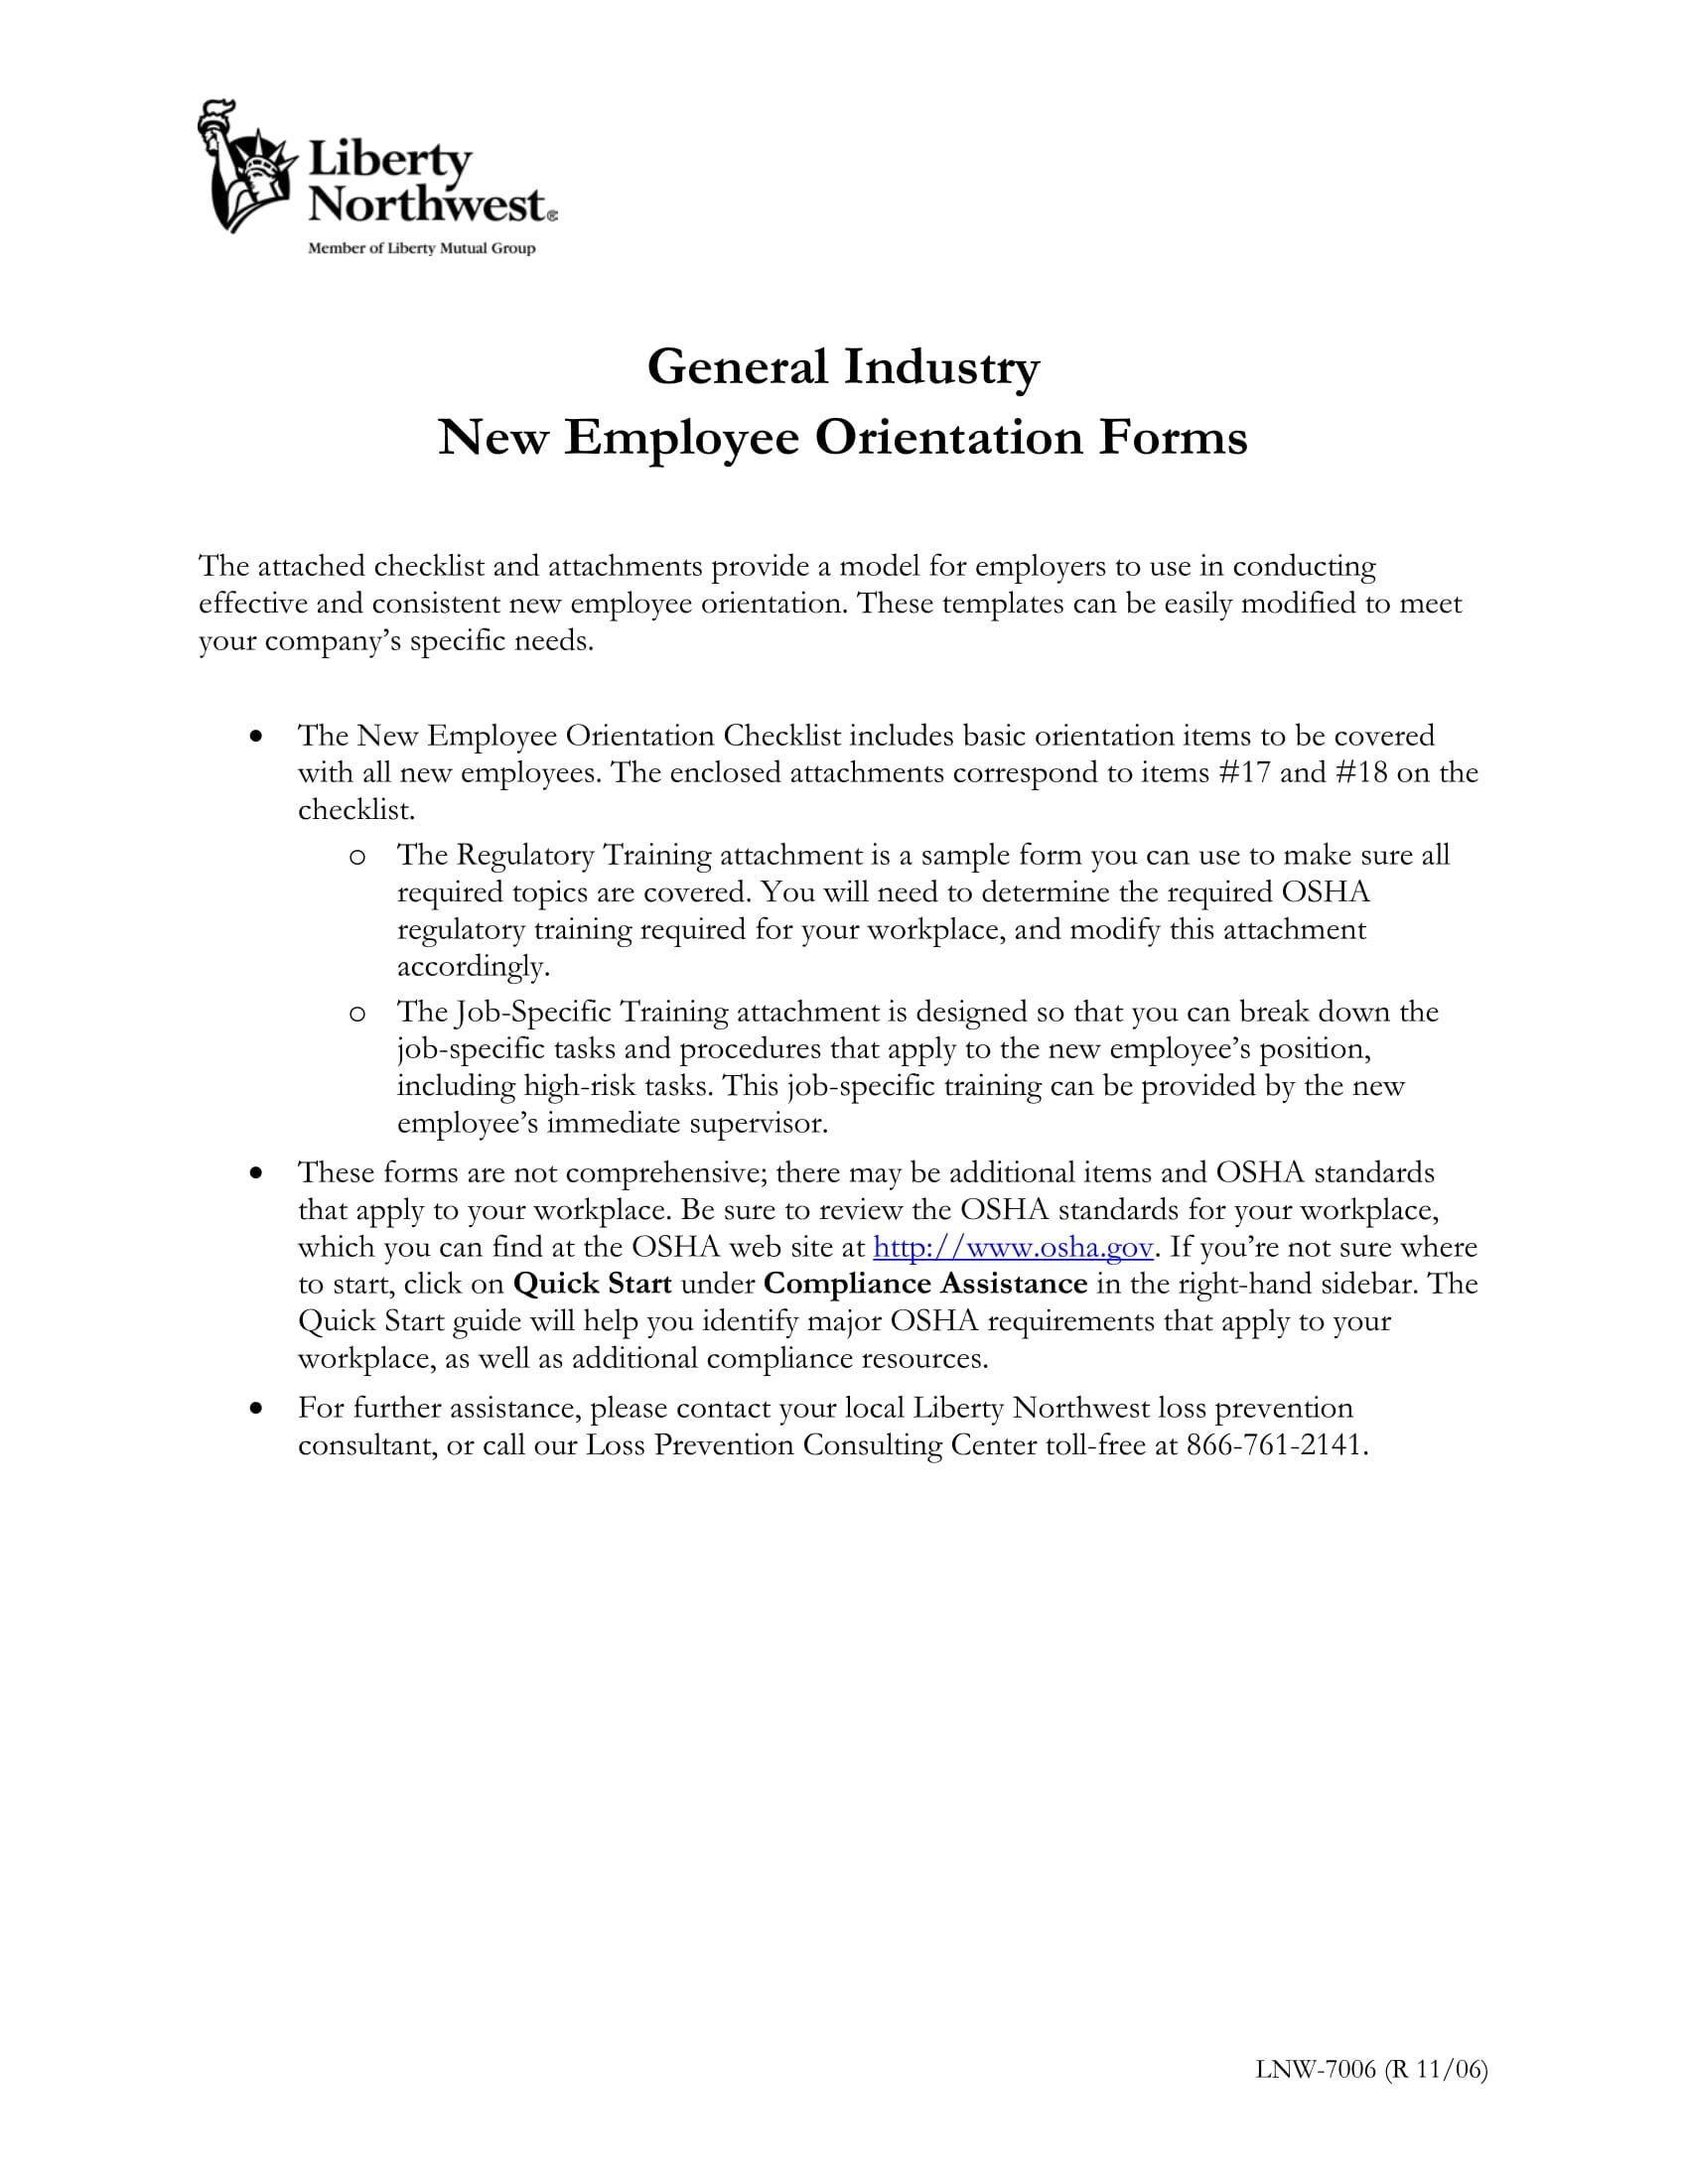 14 New Employee Orientation Program Checklist